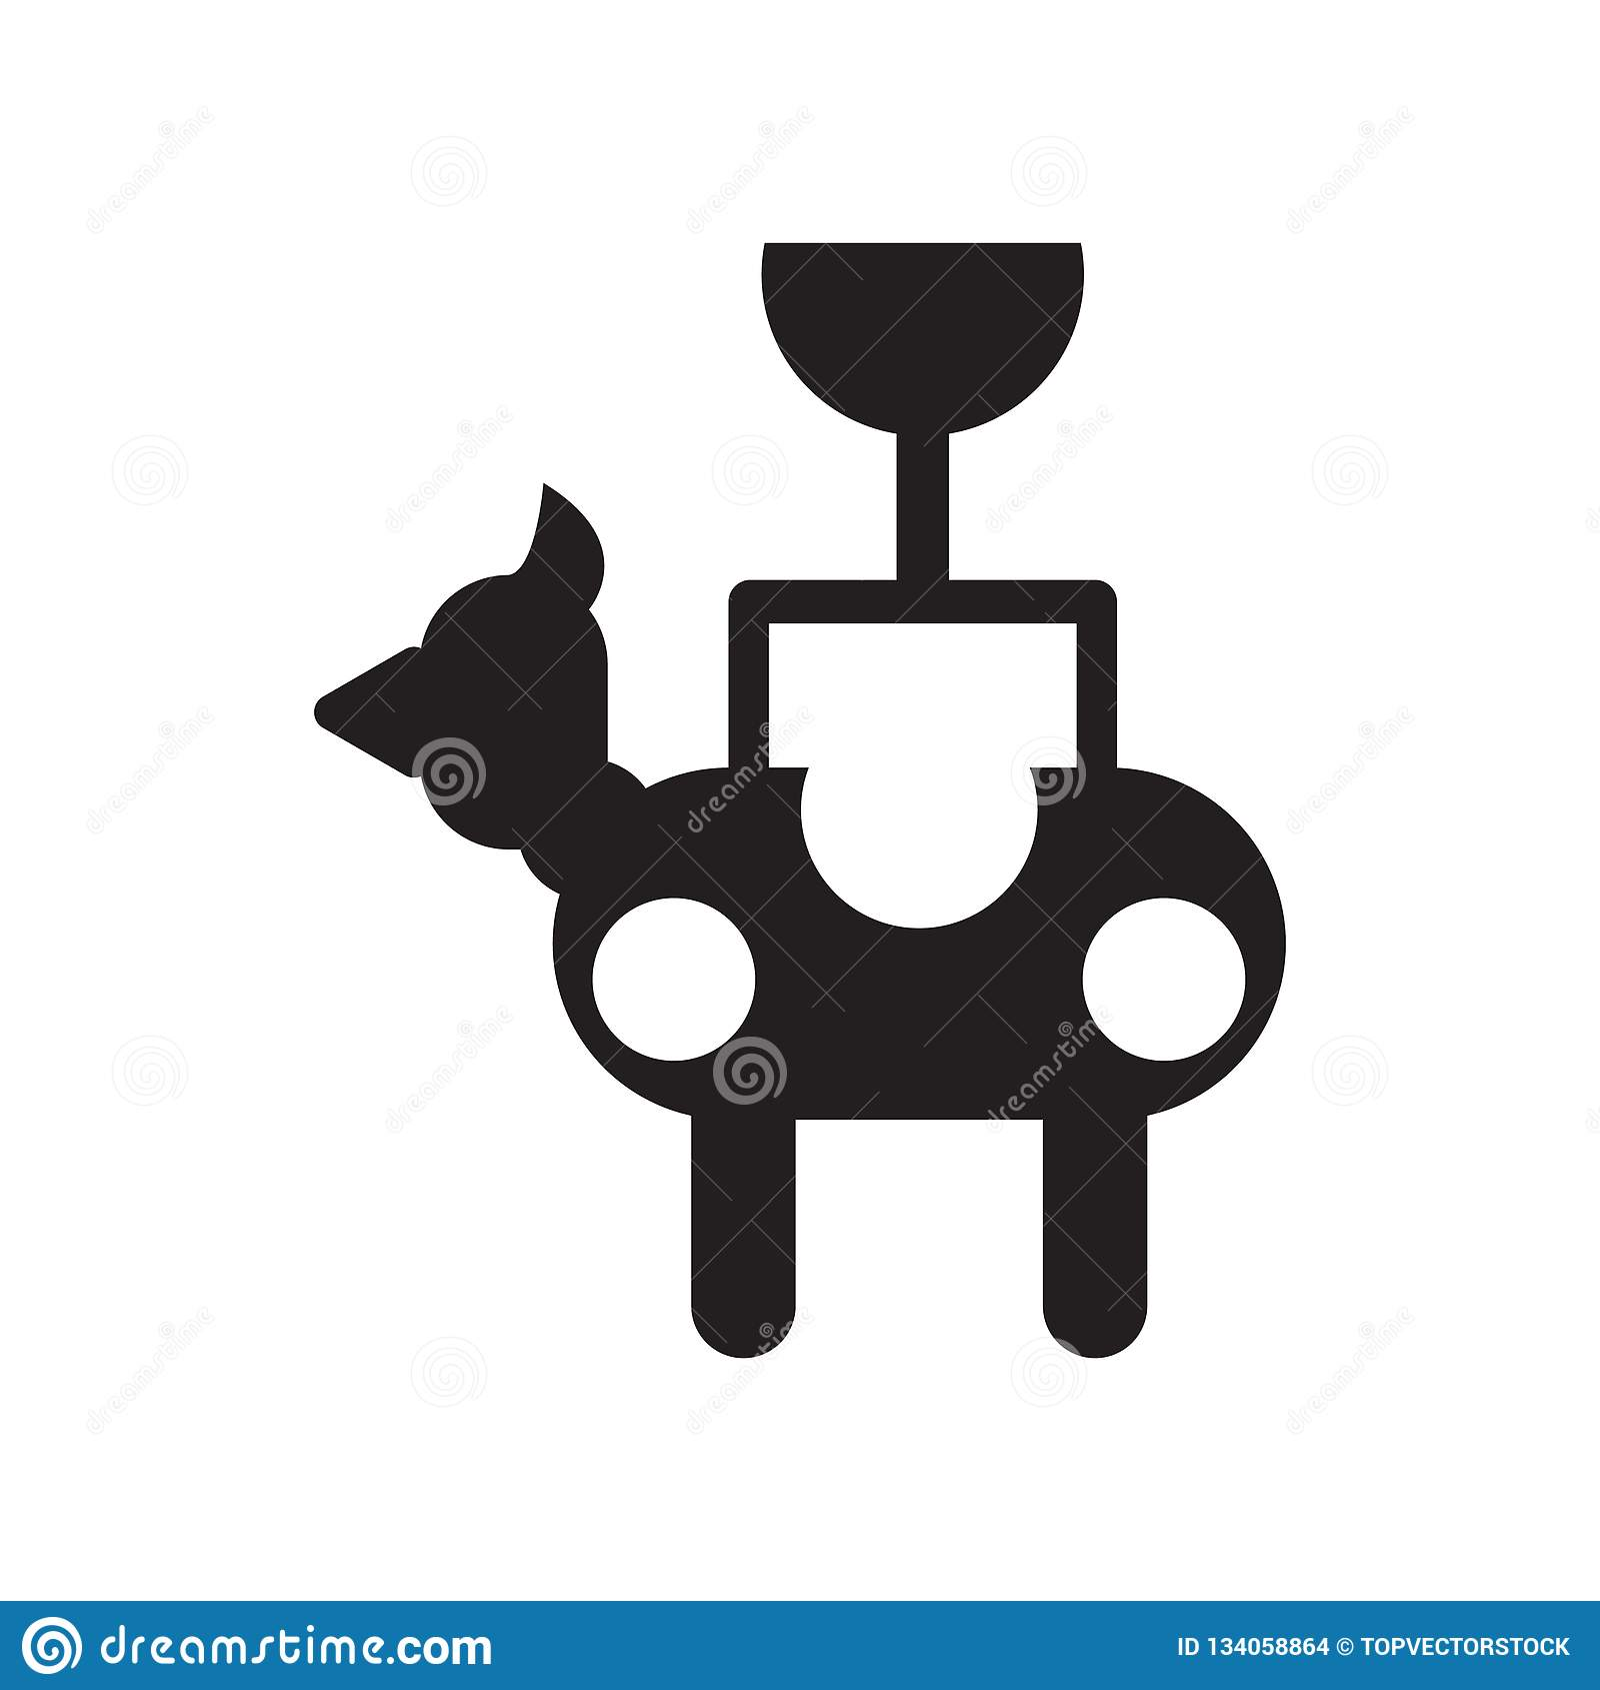 Piñata icon vector isolated on white background, Piñata sign , celebration pictograms